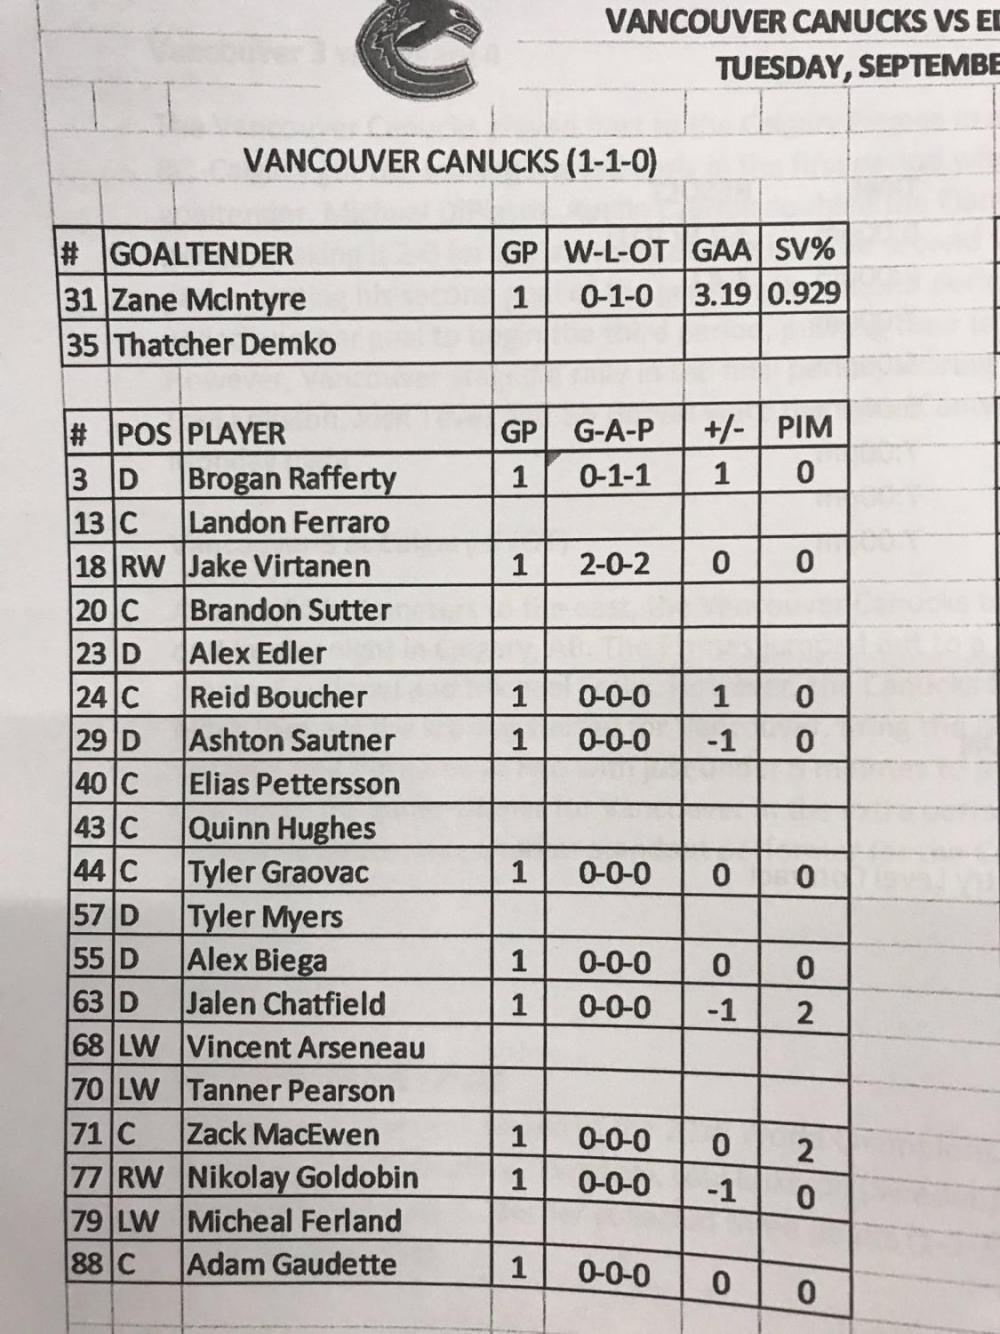 [GDT/PGT] Canucks Vs Oilers | 7pm - Canucks Talk - Canucks ...